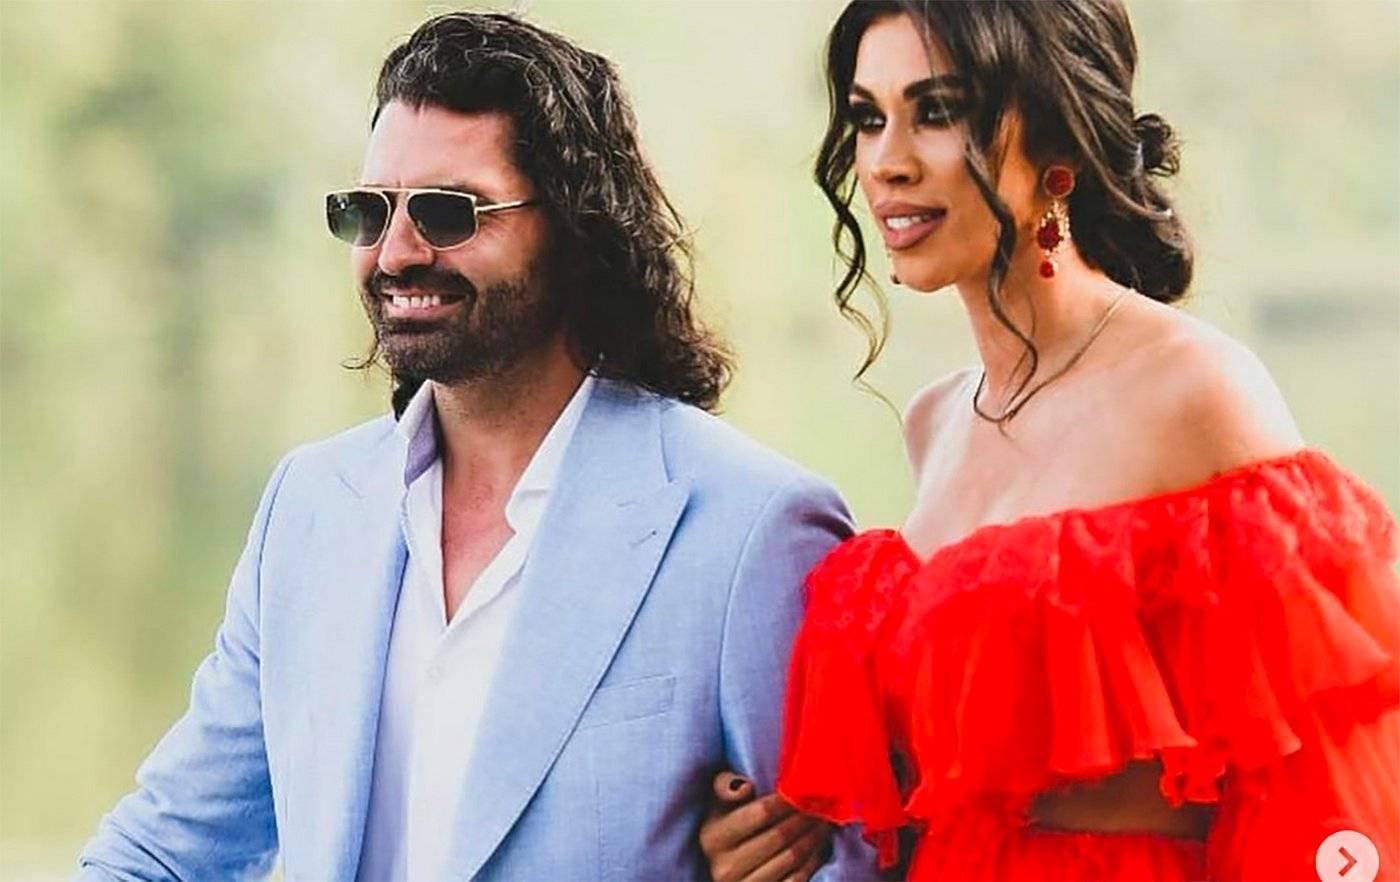 Ce relație are Pepe cu fiicele sale? Raluca Pastramă spune adevărul despre comportamentul fostului soț!